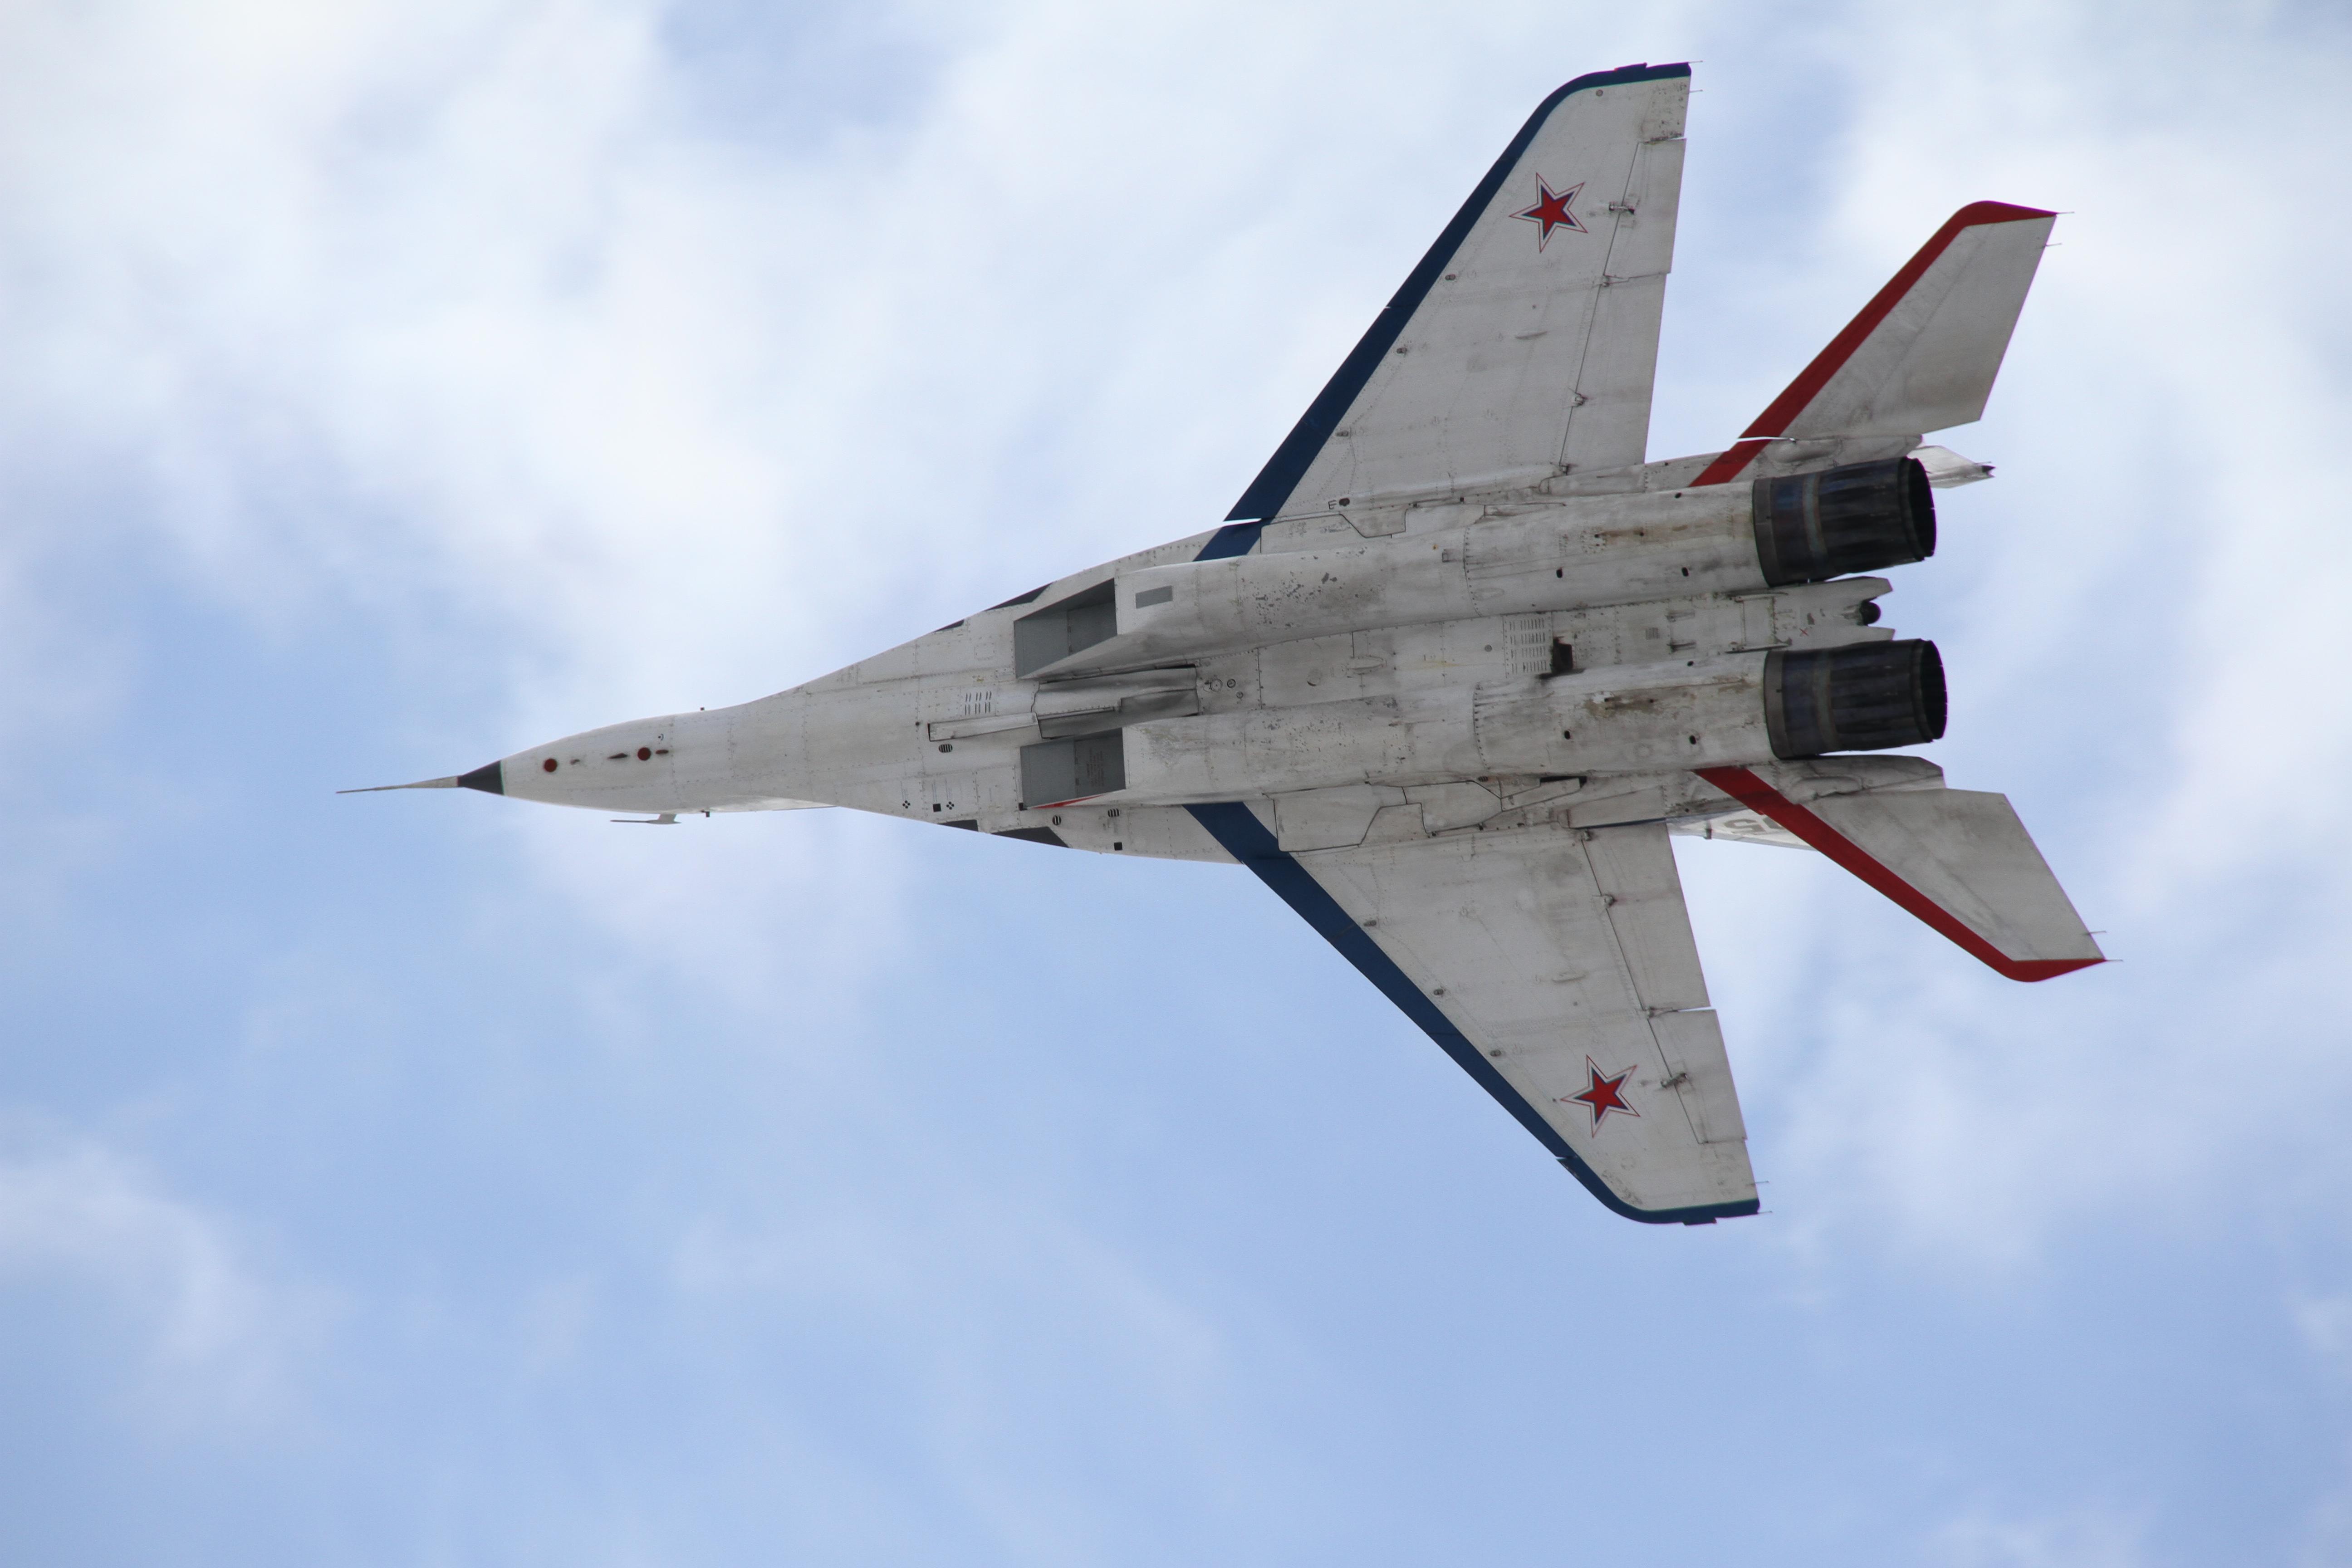 полет на сверхзвуковом истребителе МиГ-29